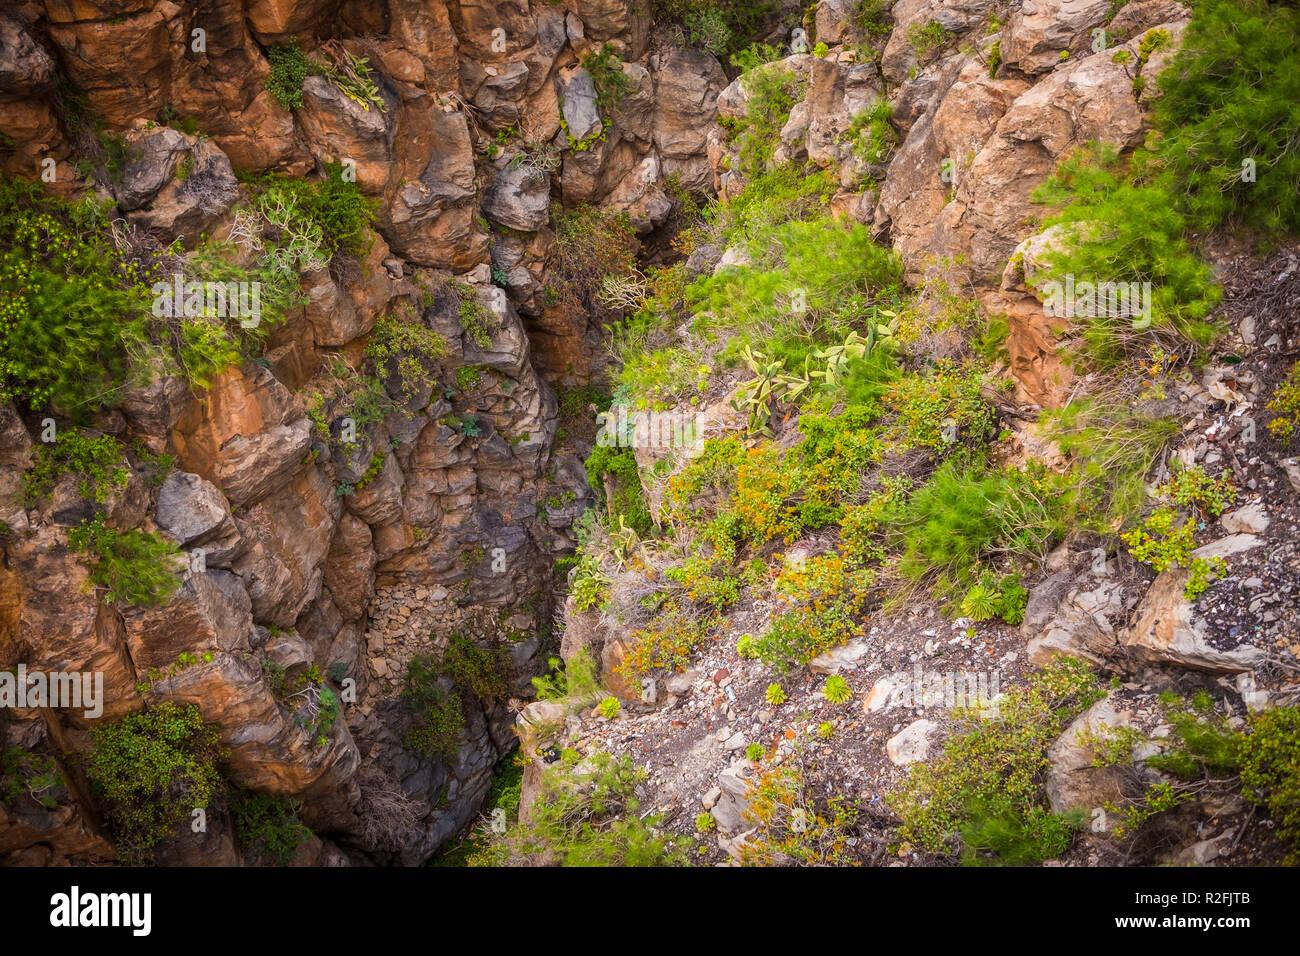 Gefährliche tiefe Schlucht gesehen von oben. Felsen und hohe Loch mit Vegetation. Entdecken und trekking Konzeption für Menschen mutig. wilde Natur Outdoor Stockbild